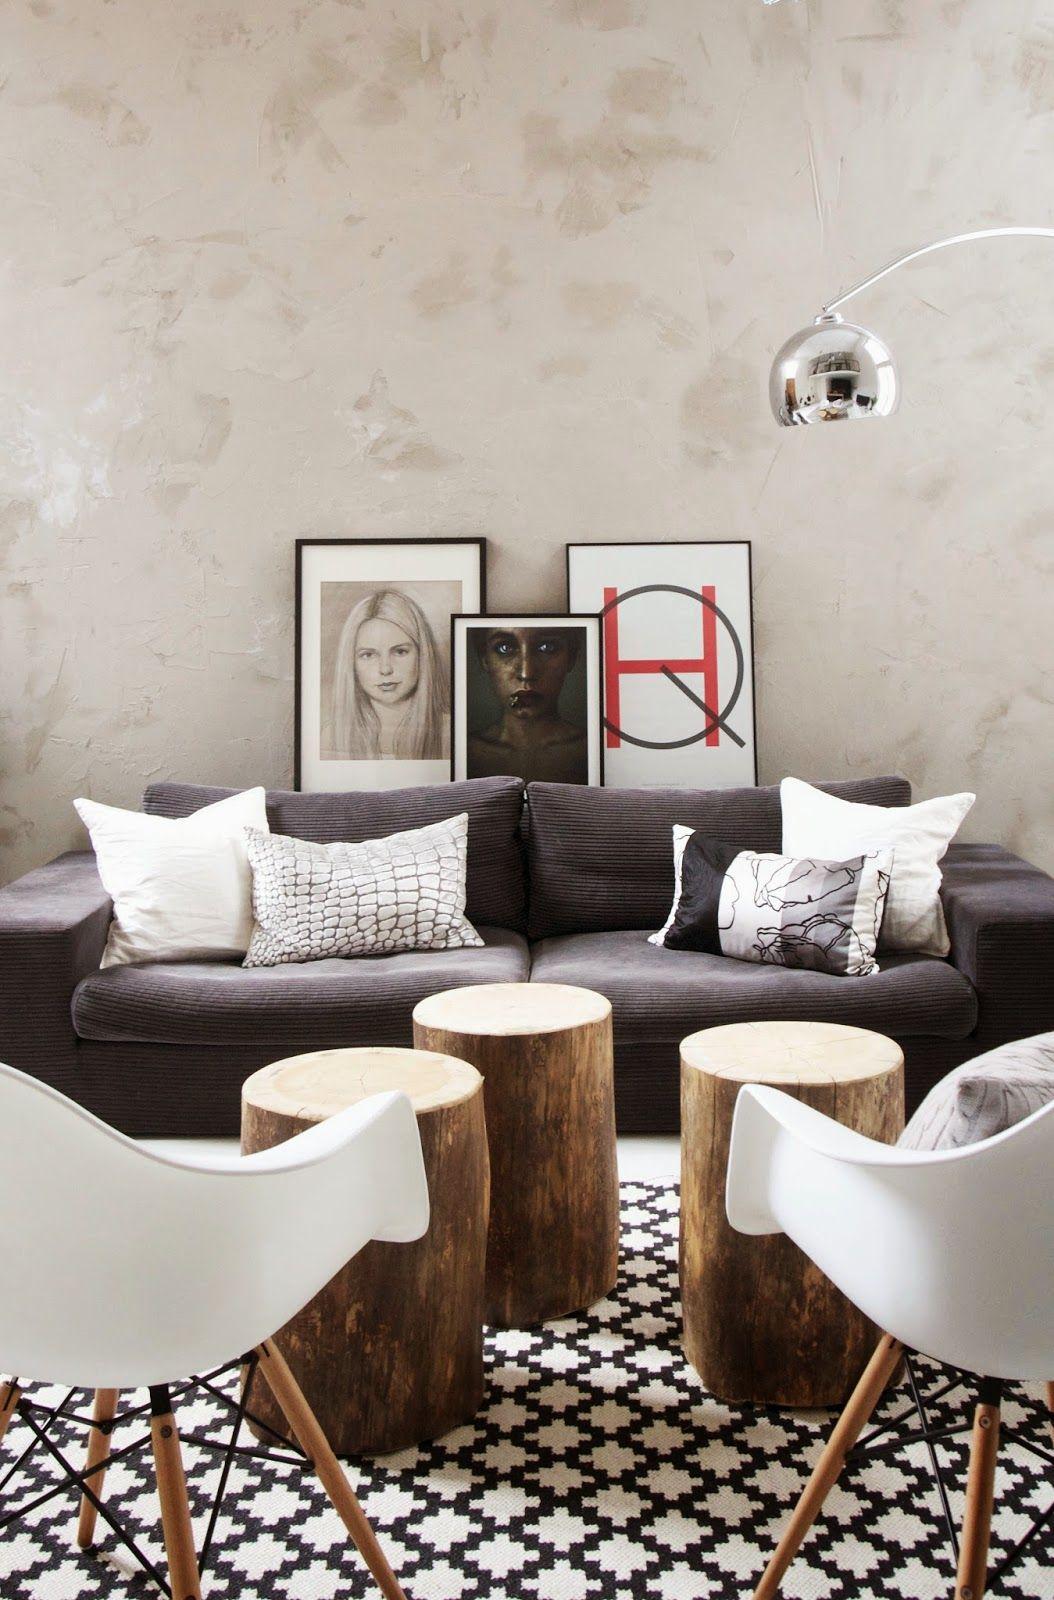 Inspiratie: Mooie woonkamer in grijstinten, gecombineerd met hout en natuurlijke materialen